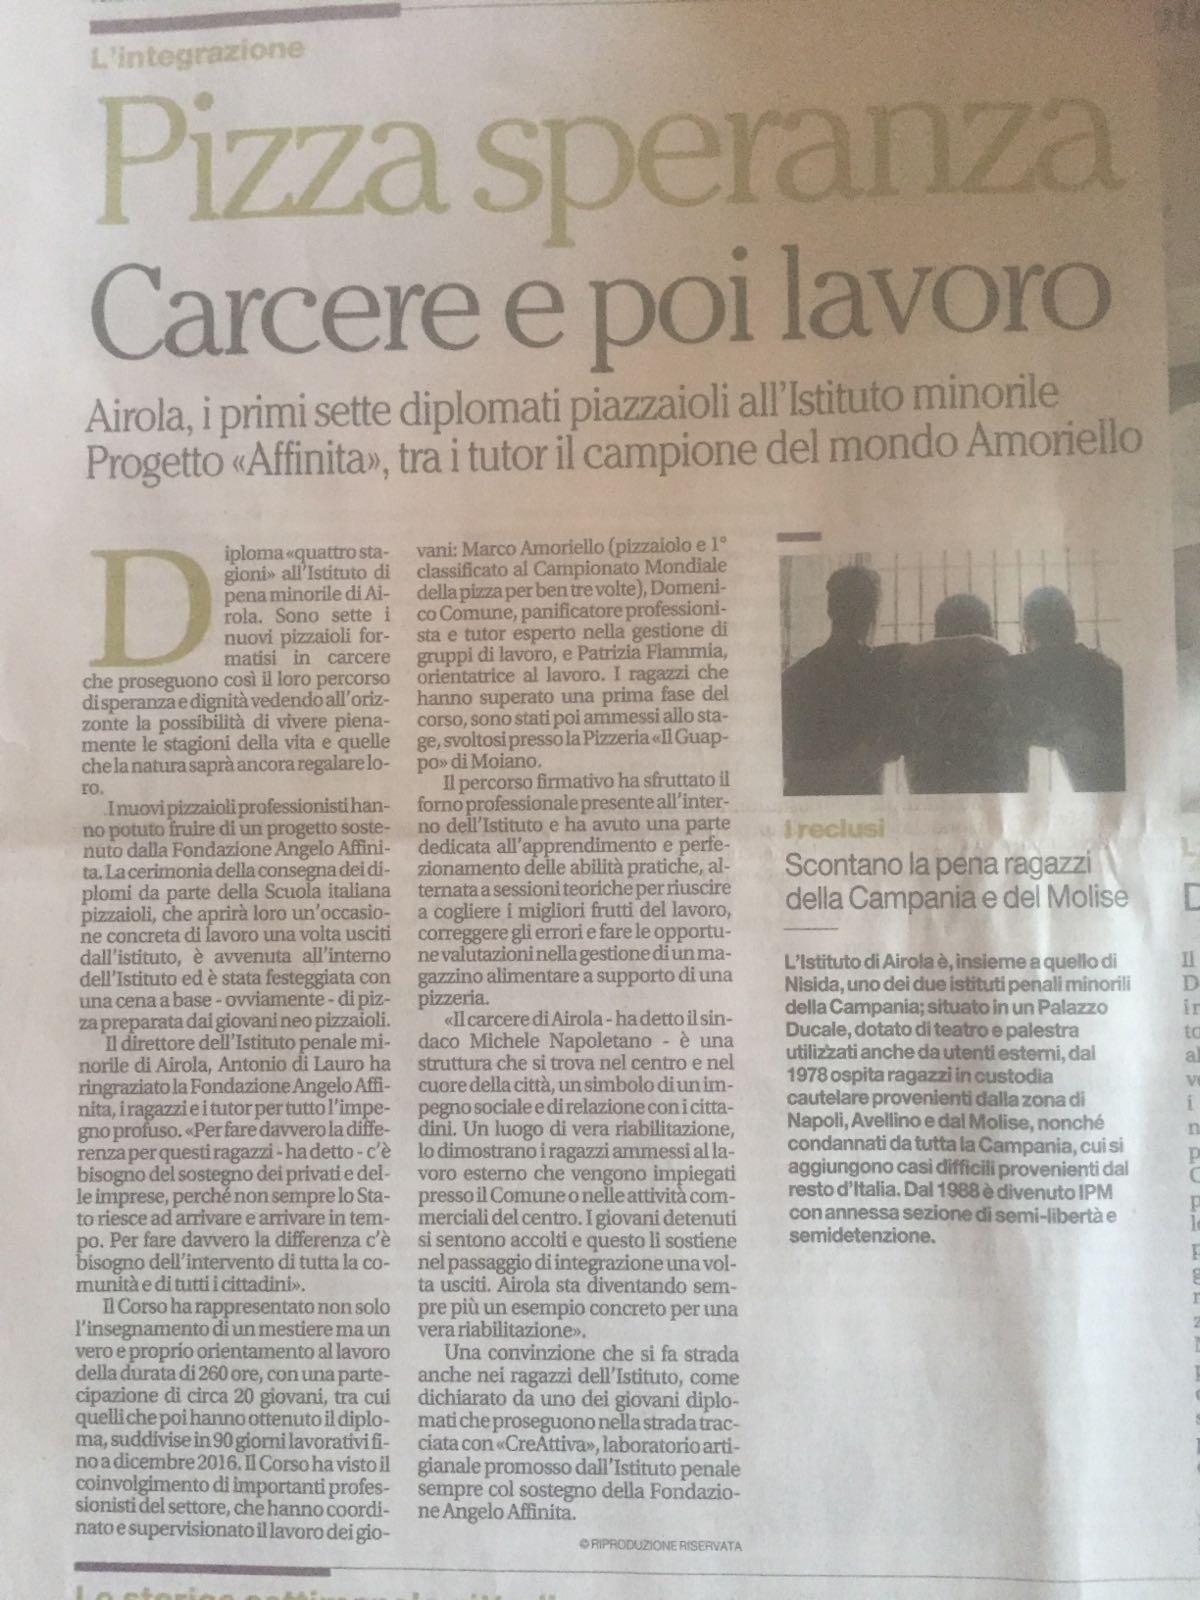 articolo-il-mattino-progetto-piazzaiolo-carcere-fondazione-angelo-affinita